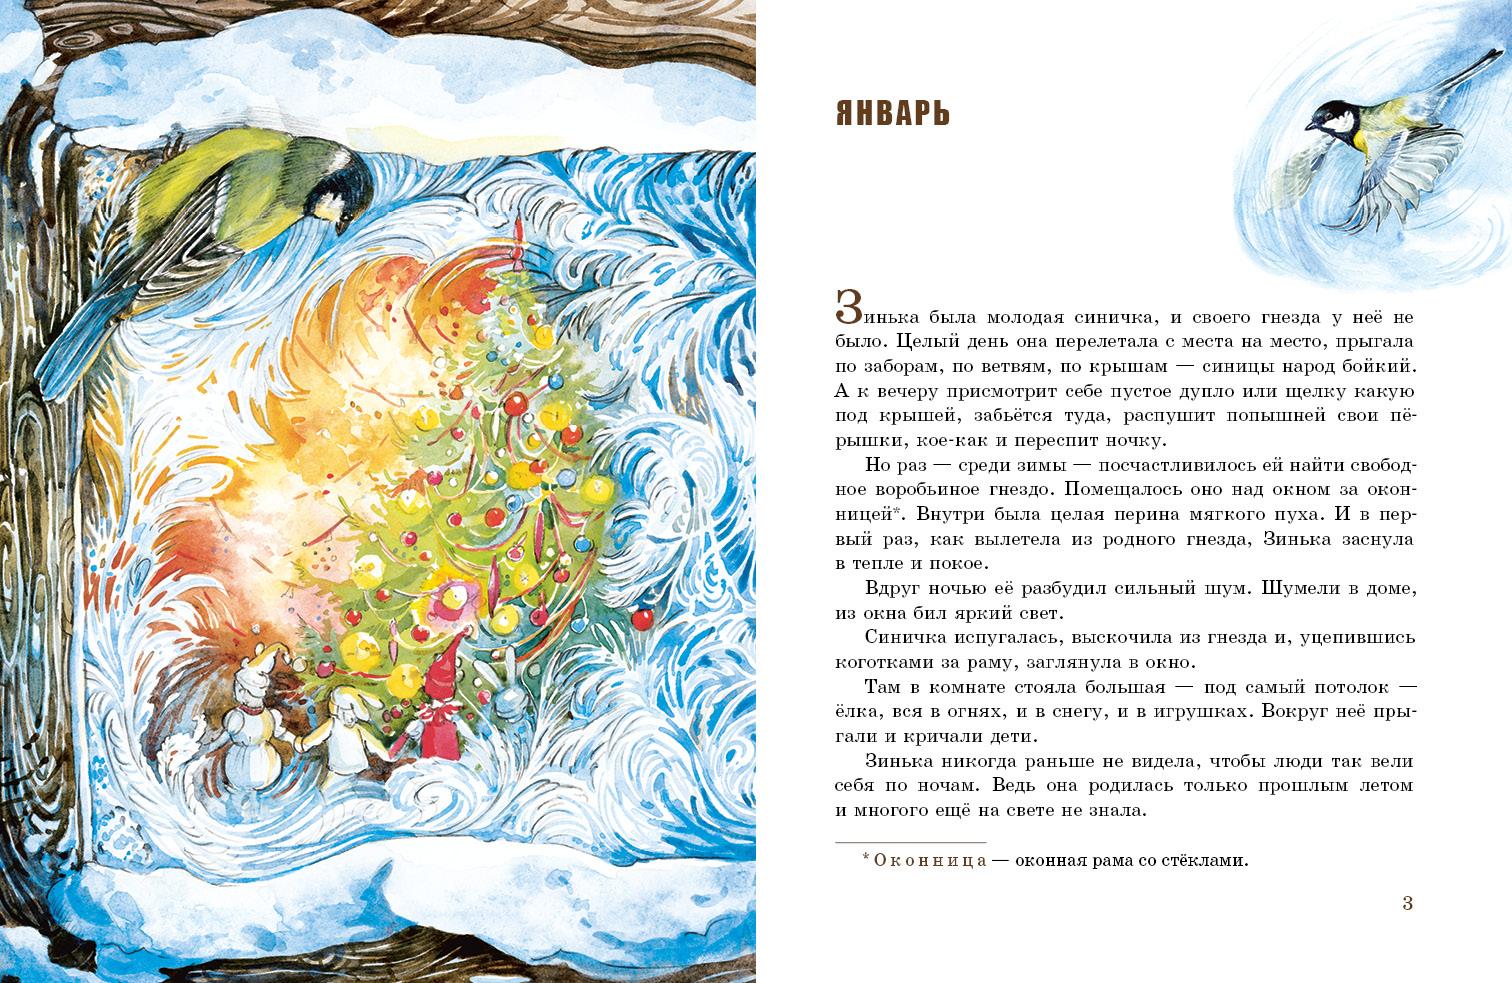 Картинки синичкин календарь бианки, картинка тошнит открытки